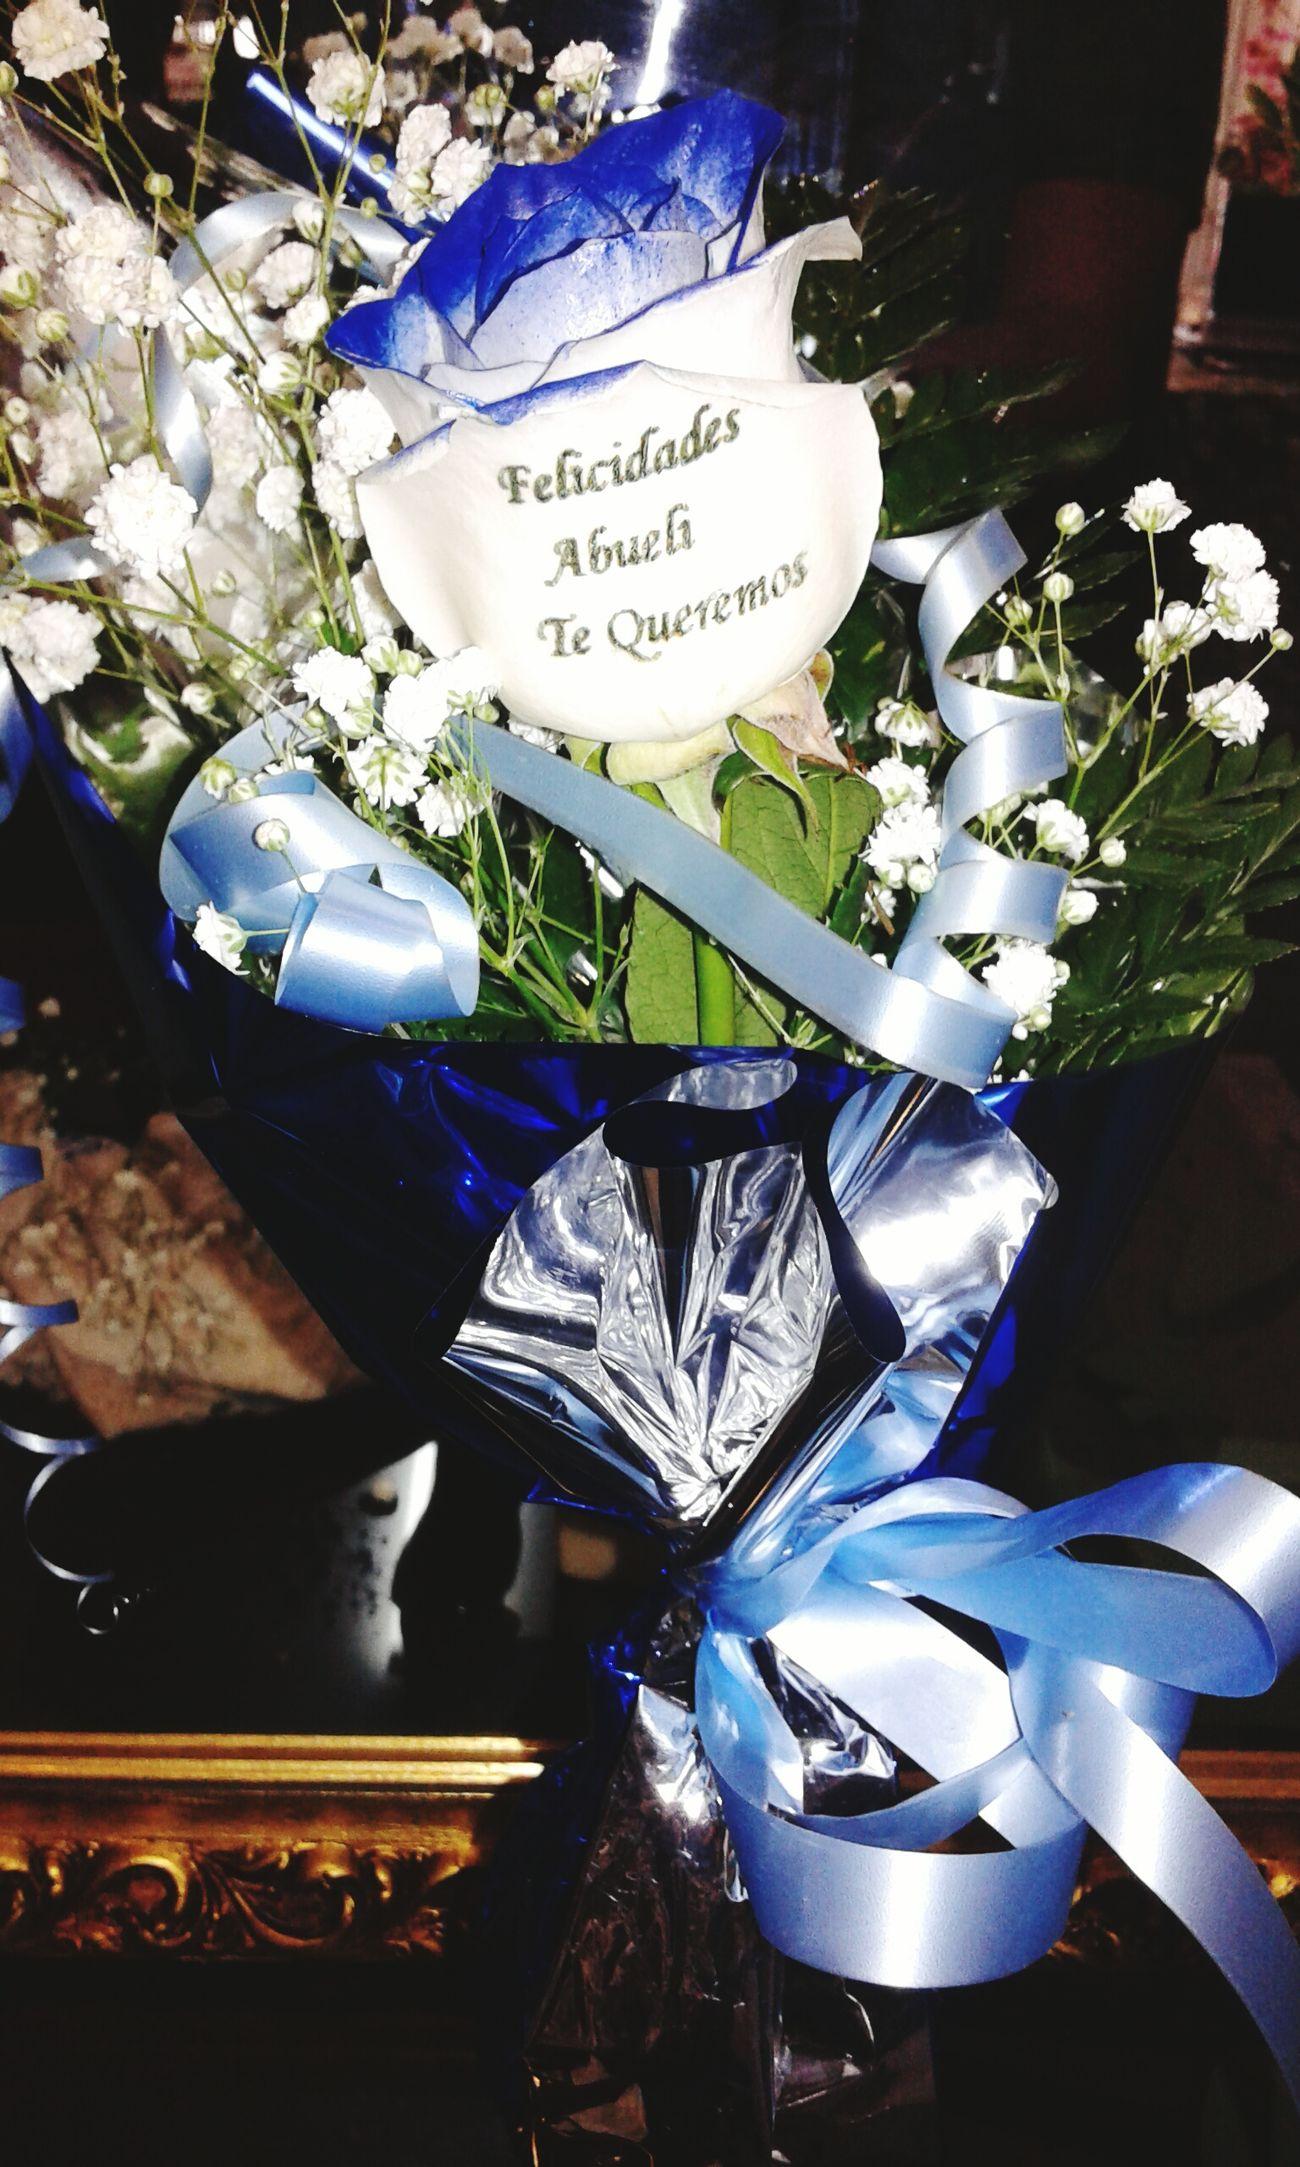 Rosa con filos de los petalos azules y un mensaje tatuado en el petalo, es una rosa natural al 100%, una manera original y exclusiva de sorprender a esa persona especial. Regalo Original Floristerias Flowers Blue Rose Rosas Azules Regalos Originales Regalo De Aniversario Regalos Rosaazul Rosas Bonitas❤️🌹